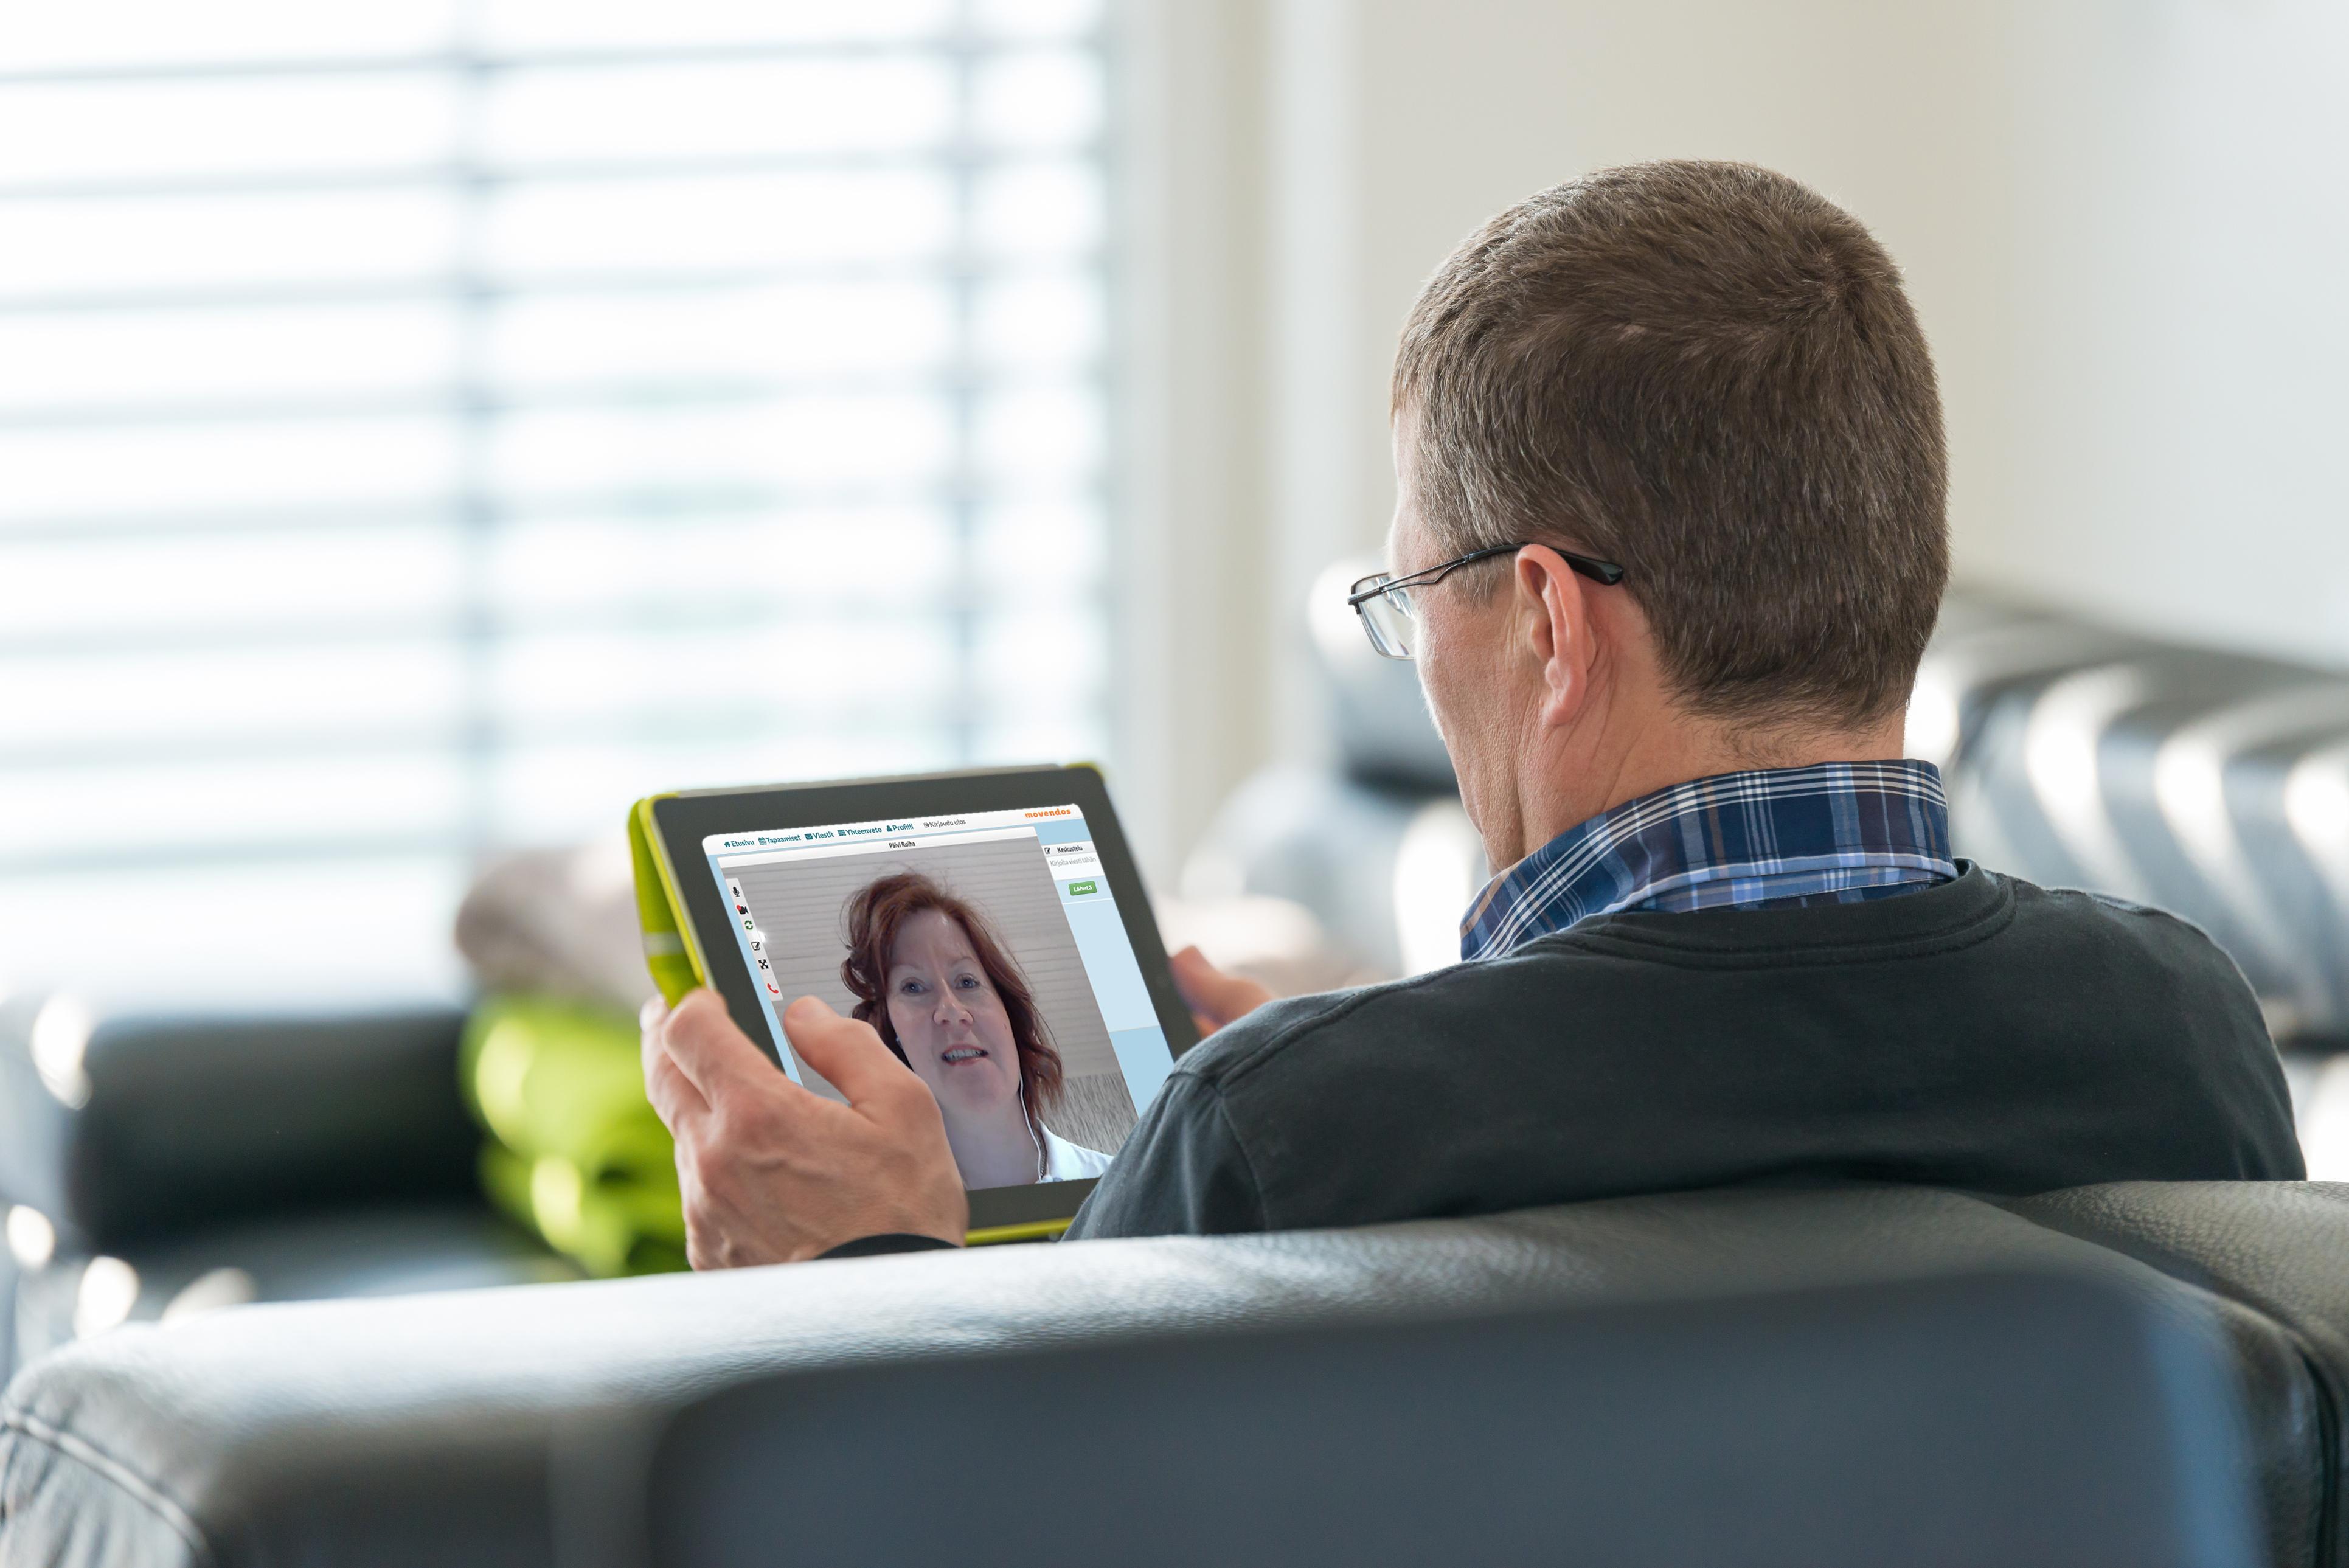 TIEDOTE: Hyvä terveydenhuollon digitalisaatio ei jätä ihmistä yksin – Suomalaisten terveyden parantamiseen on yksinkertainen keino